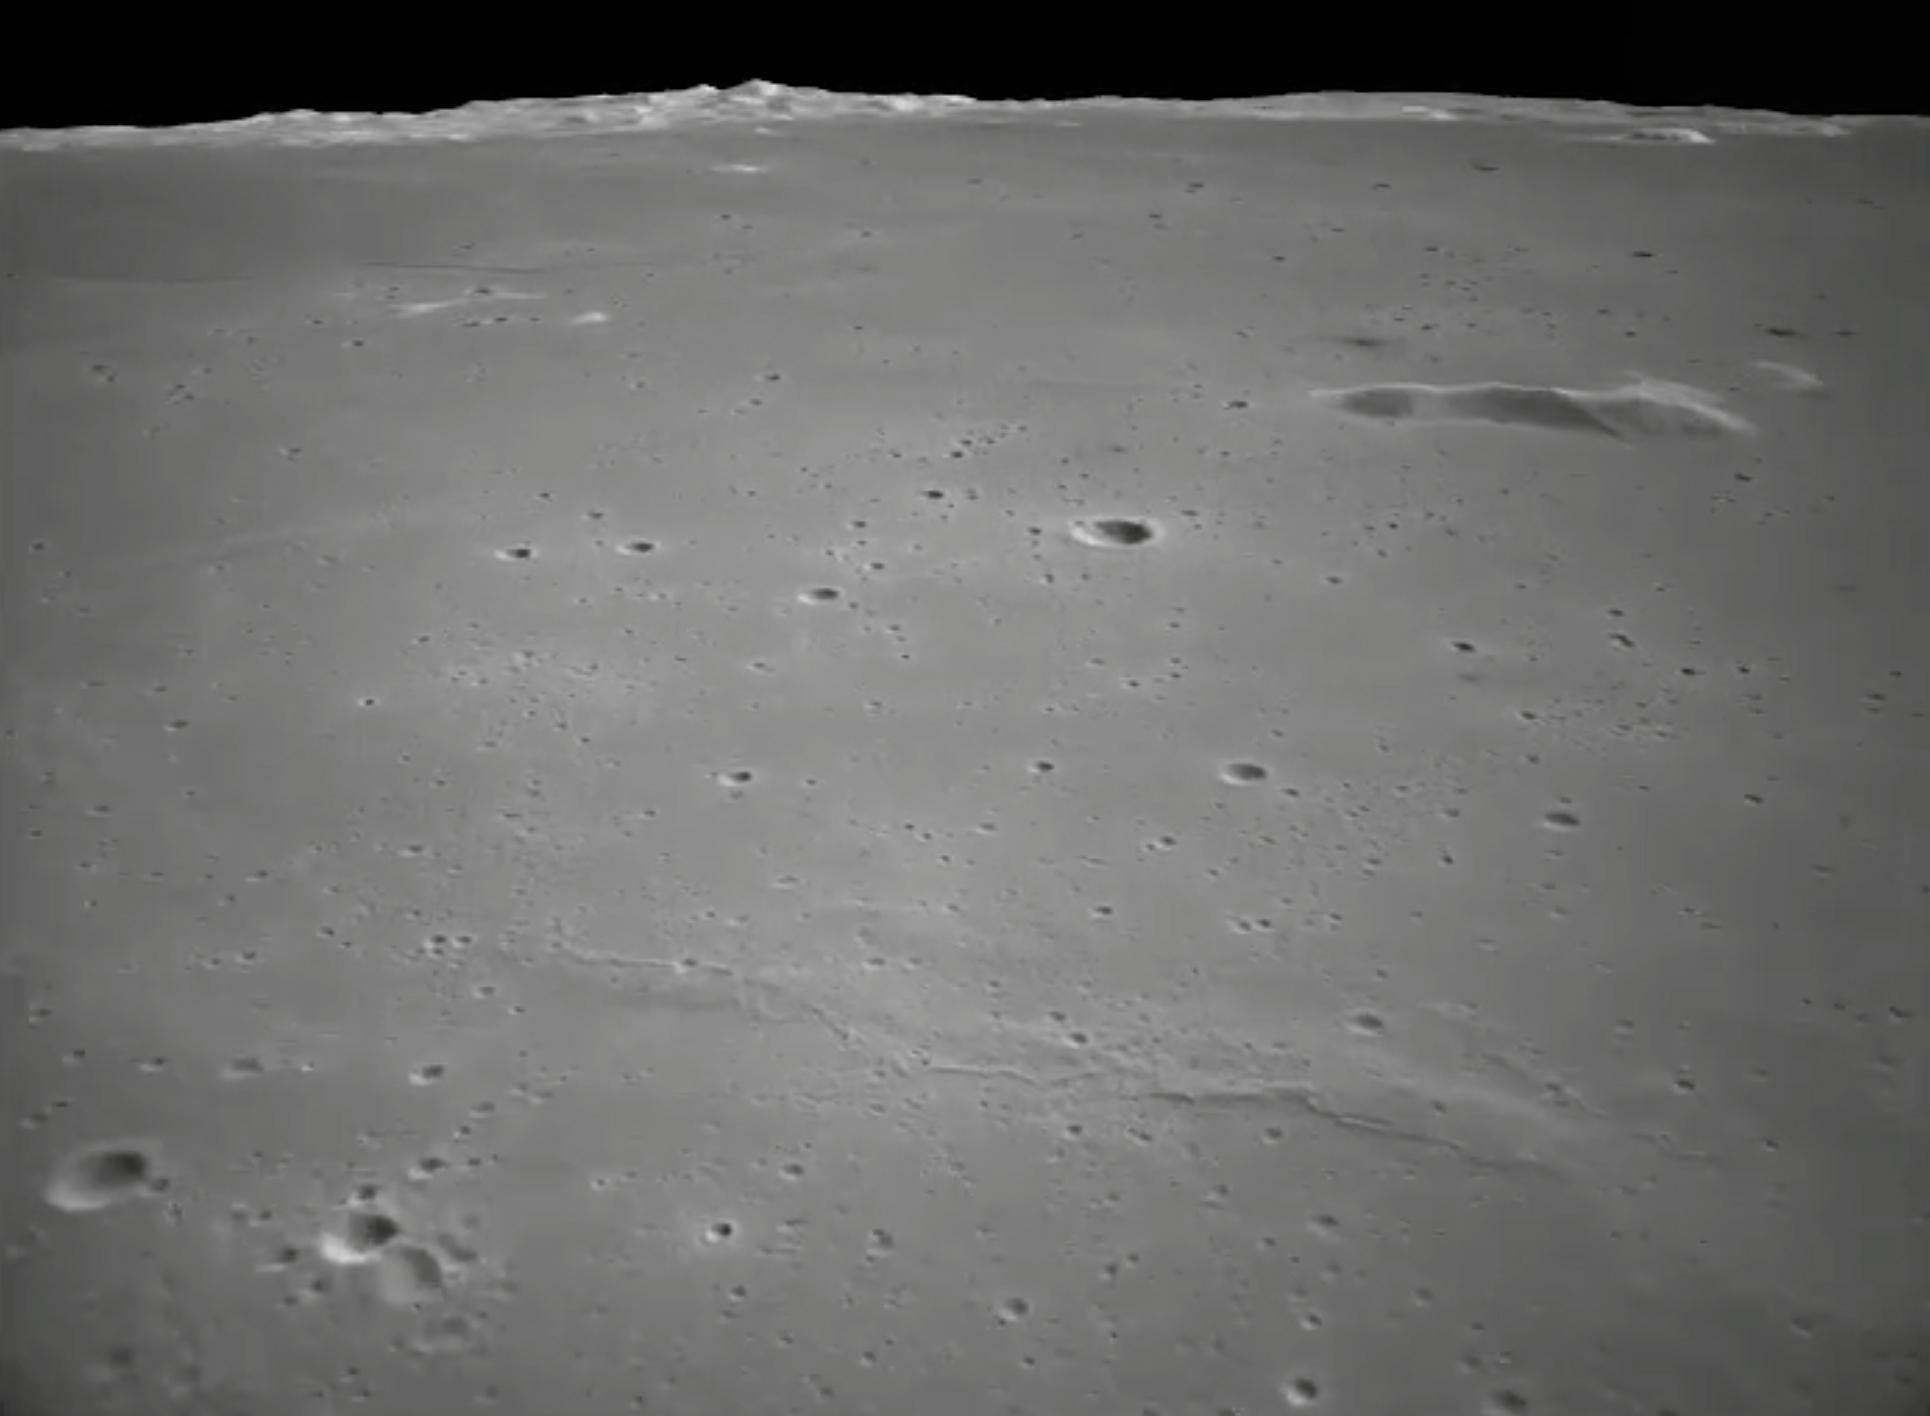 L'atterrisseur lunaire chinois Chang'e 5 capture ces vues de sa descente vers la surface lunaire le 1er décembre 2020.